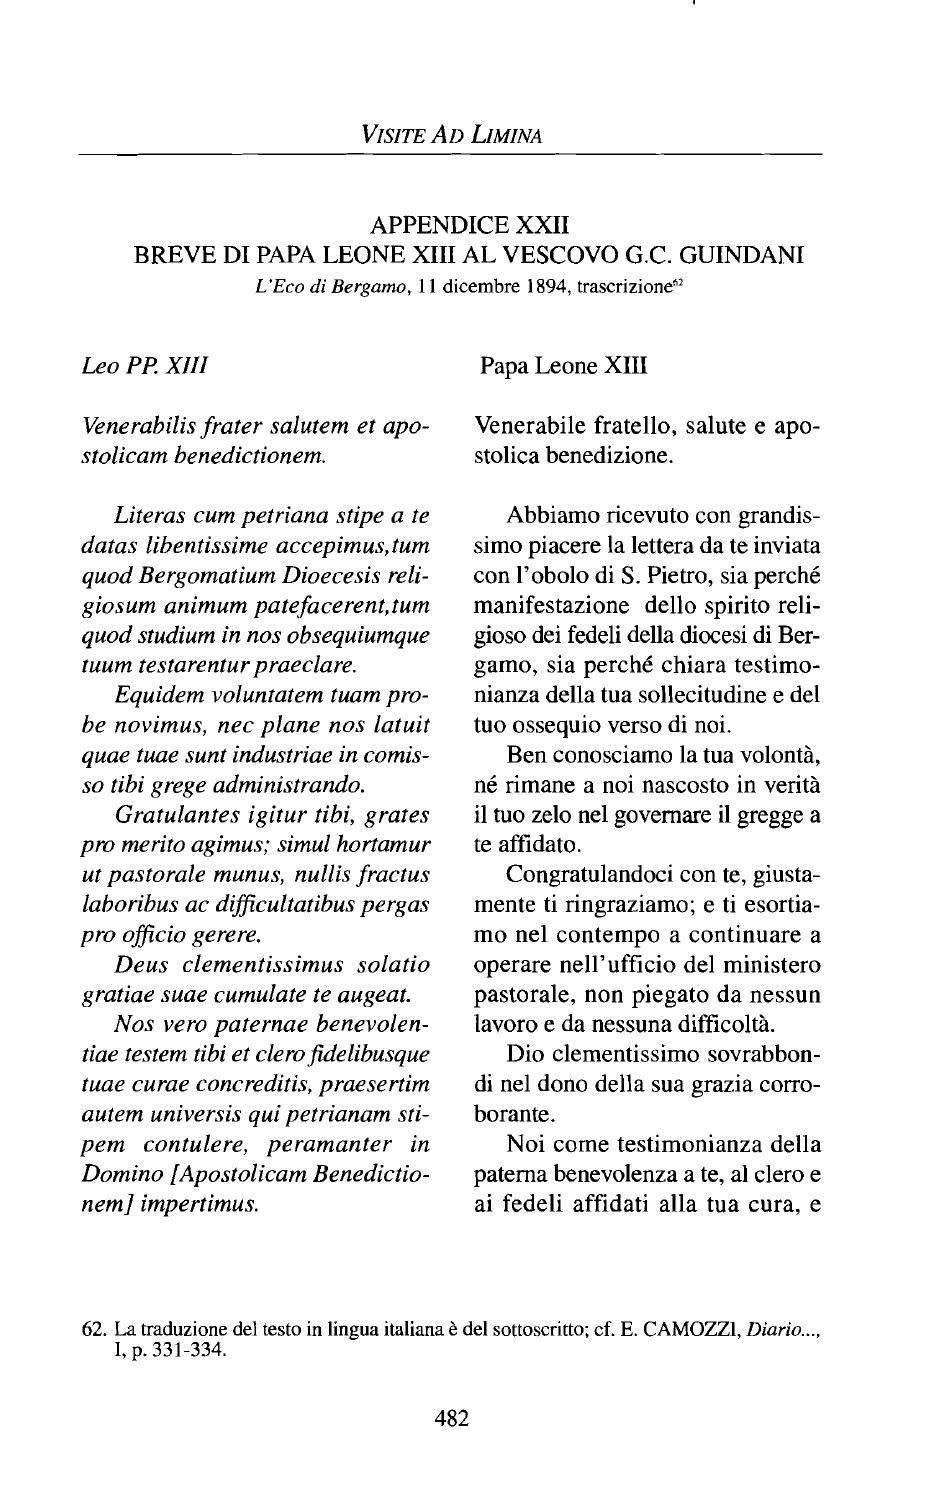 Sinopsis datazione Agenzia Cyrano EP 16 libero maschio a maschio dating